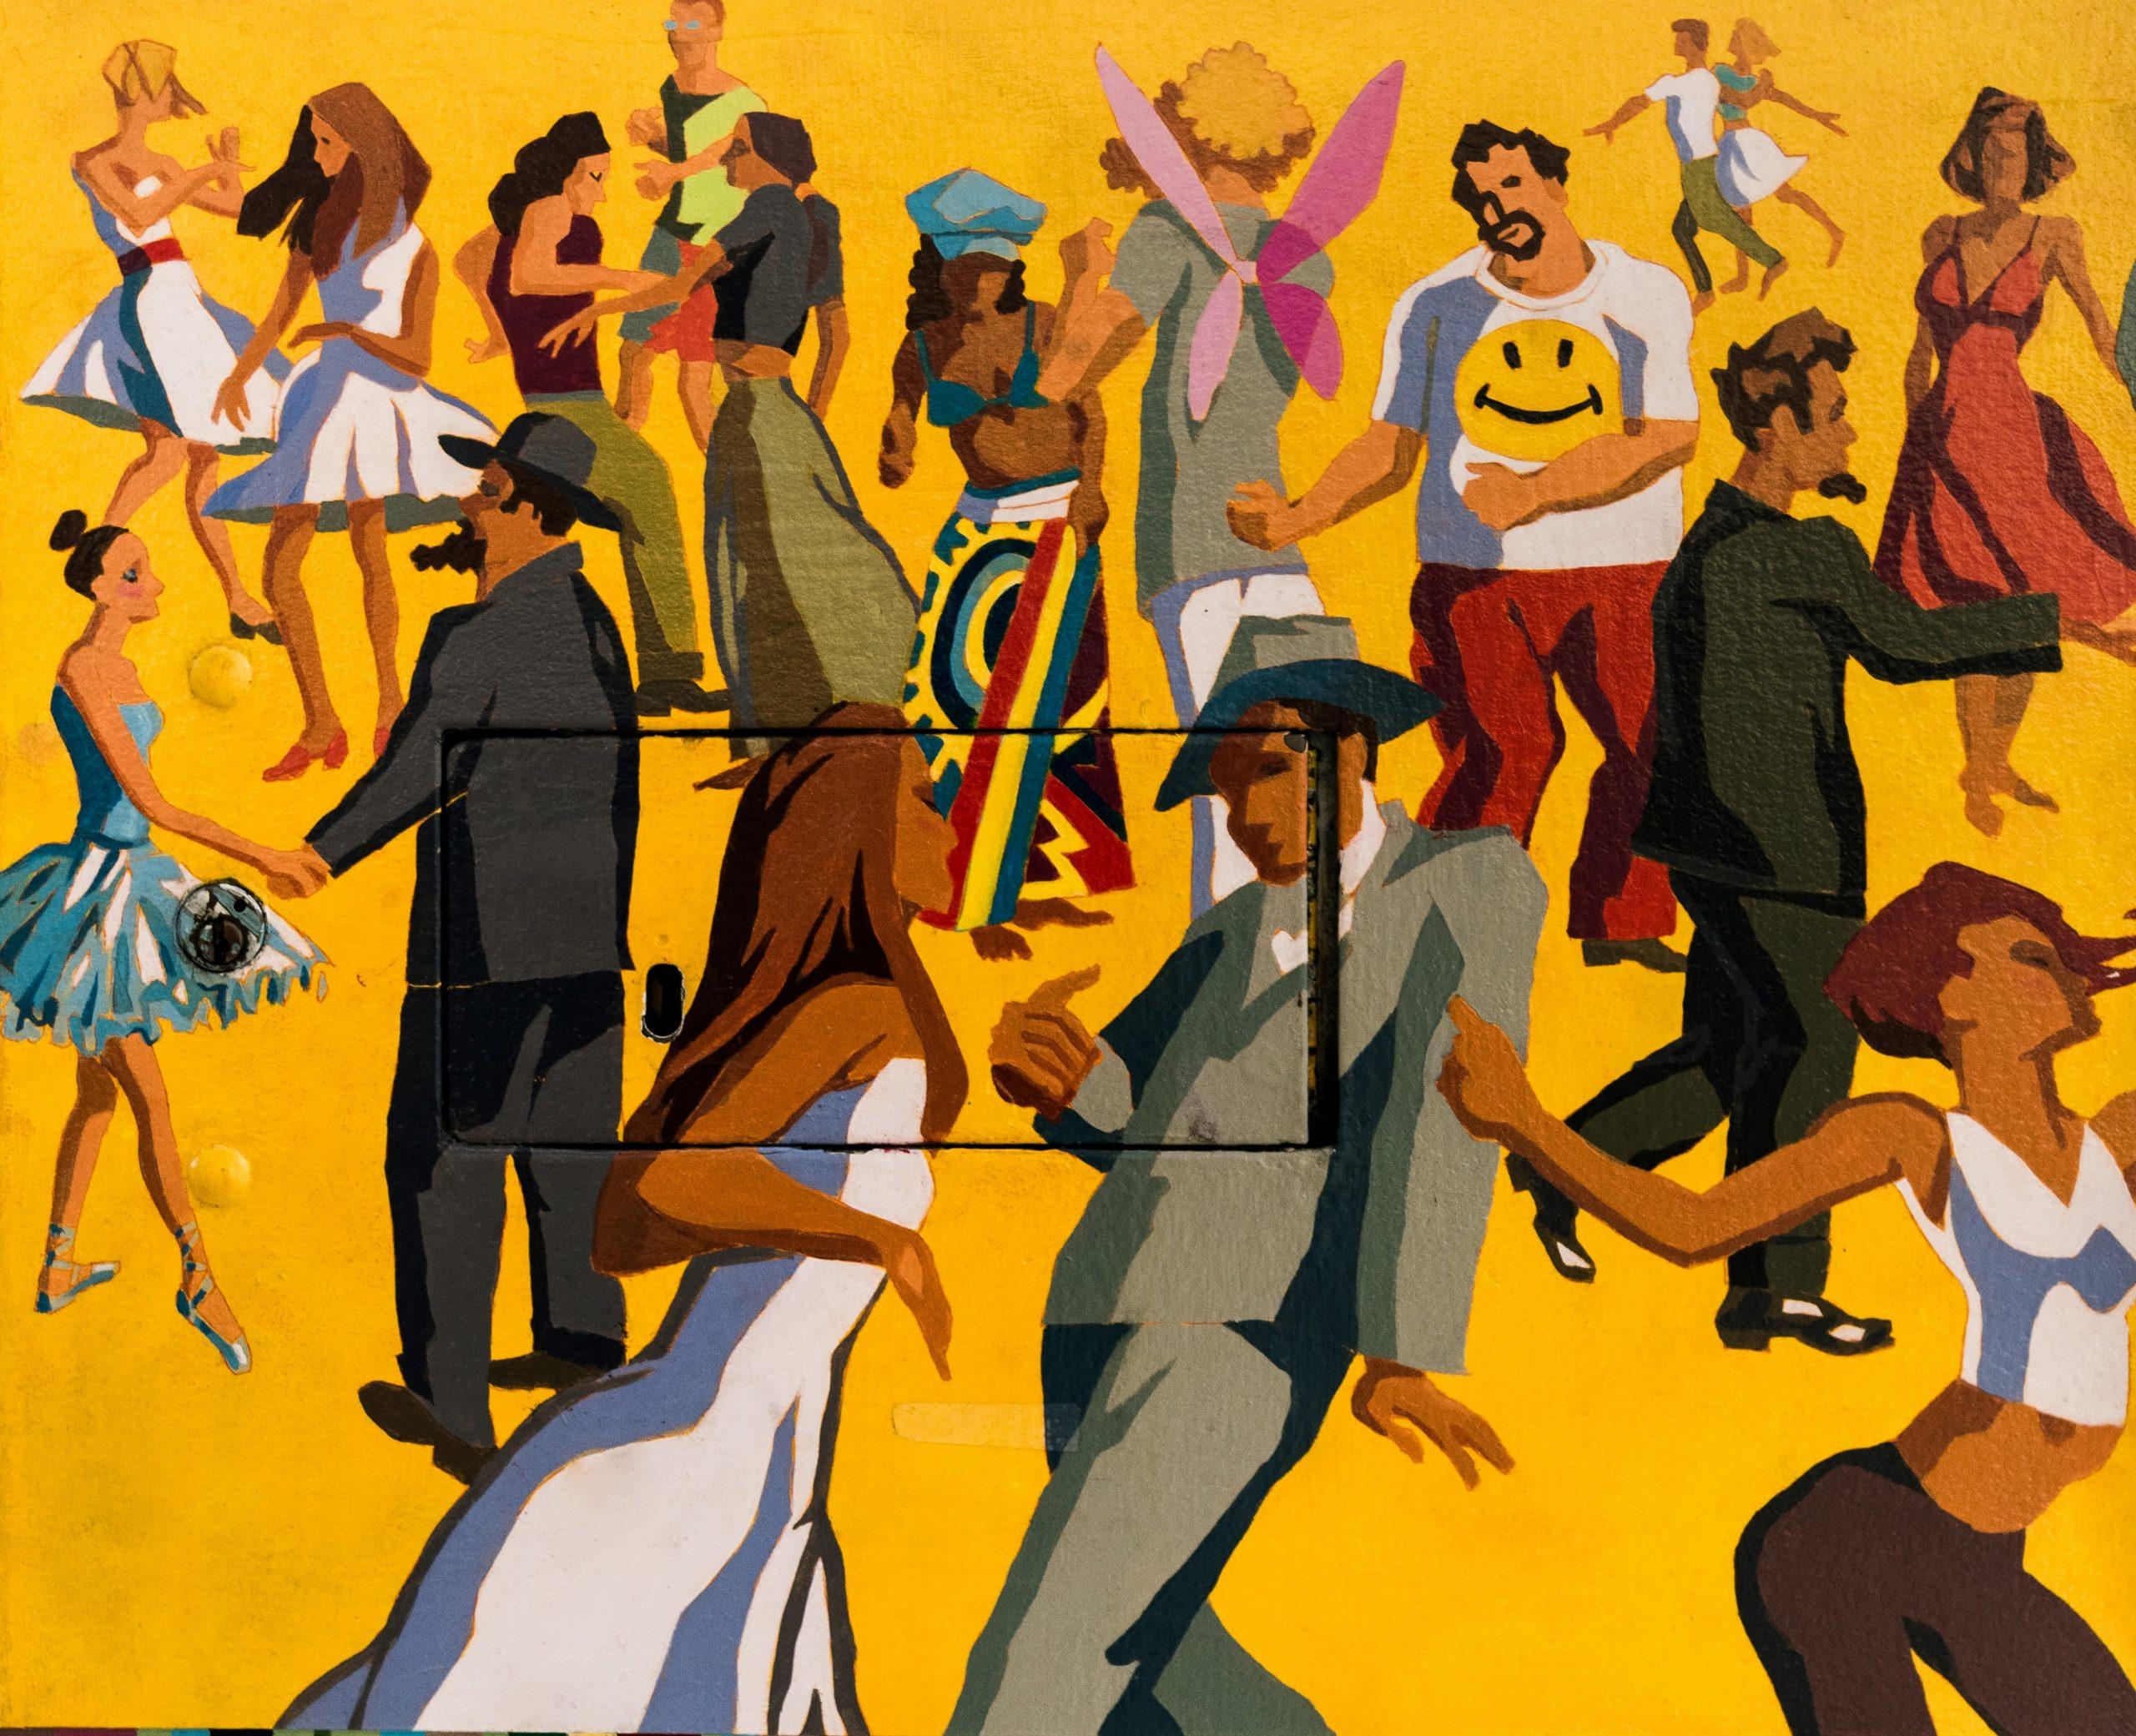 ¡Viva el baile! : Les sept danses représentatives de l'Amérique latine